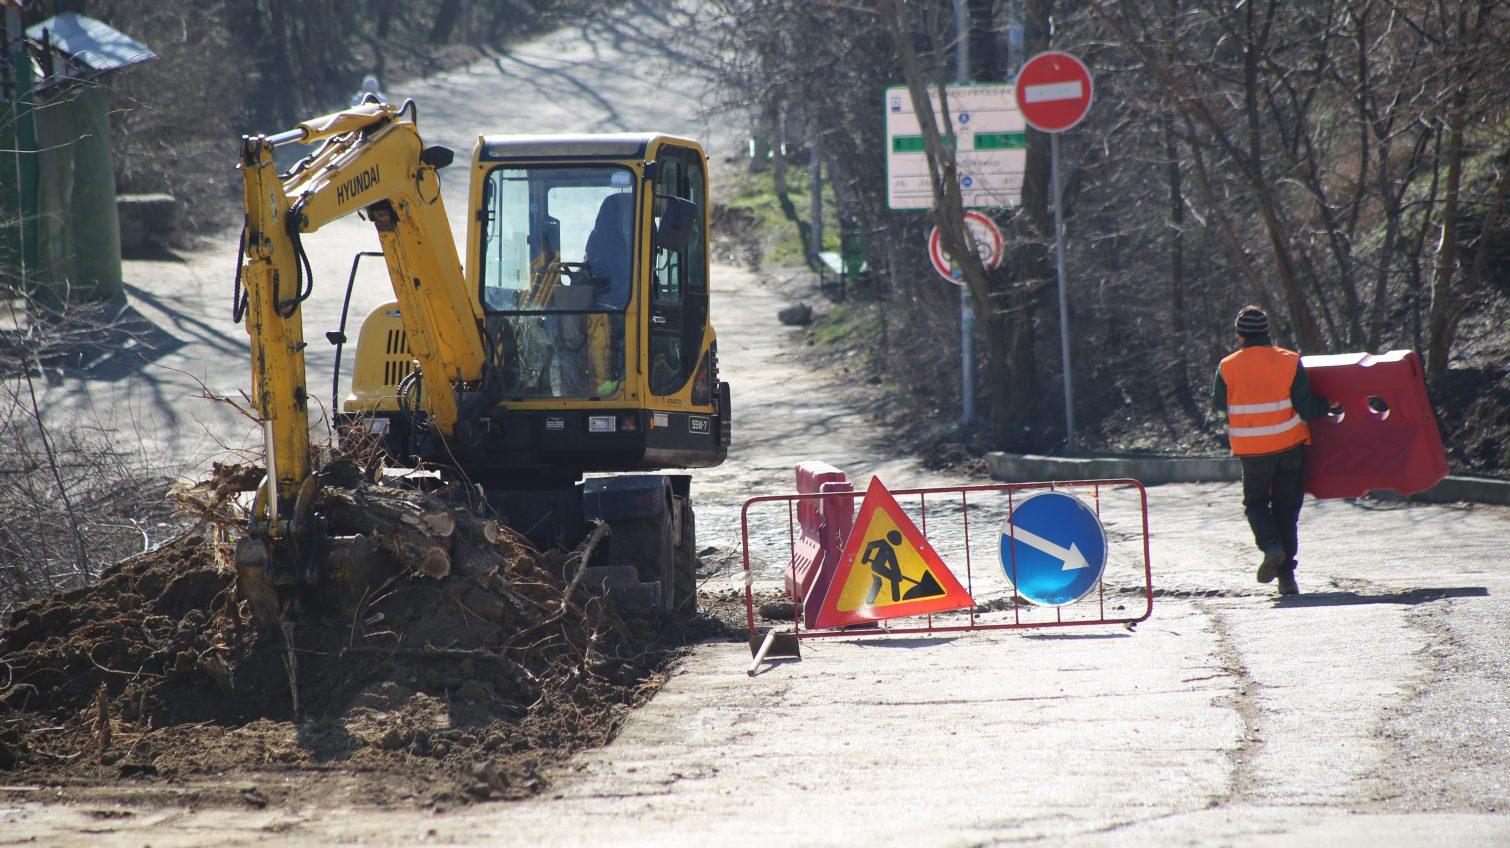 Вырубку деревьев на Трассе здоровья расценили как хулиганство, а на месте работает строительная техника (фото) «фото»